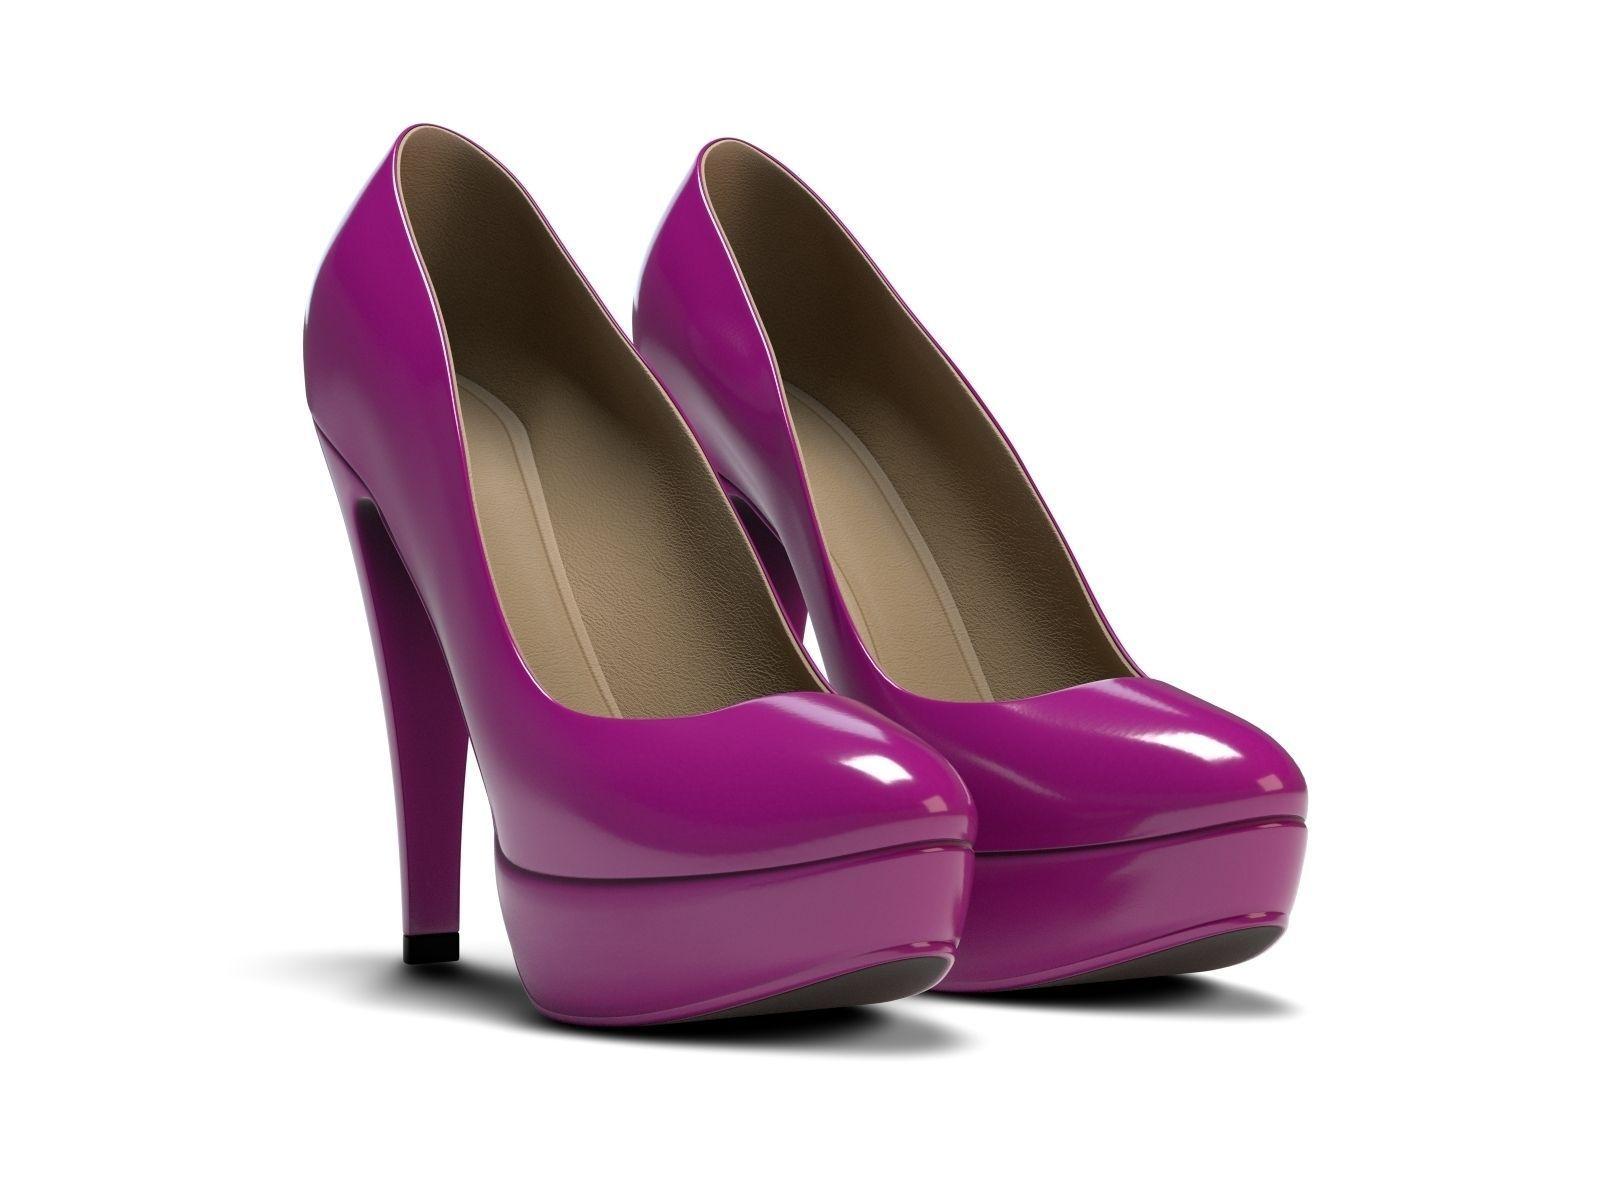 plateau high heels 3d model obj 3ds blend. Black Bedroom Furniture Sets. Home Design Ideas